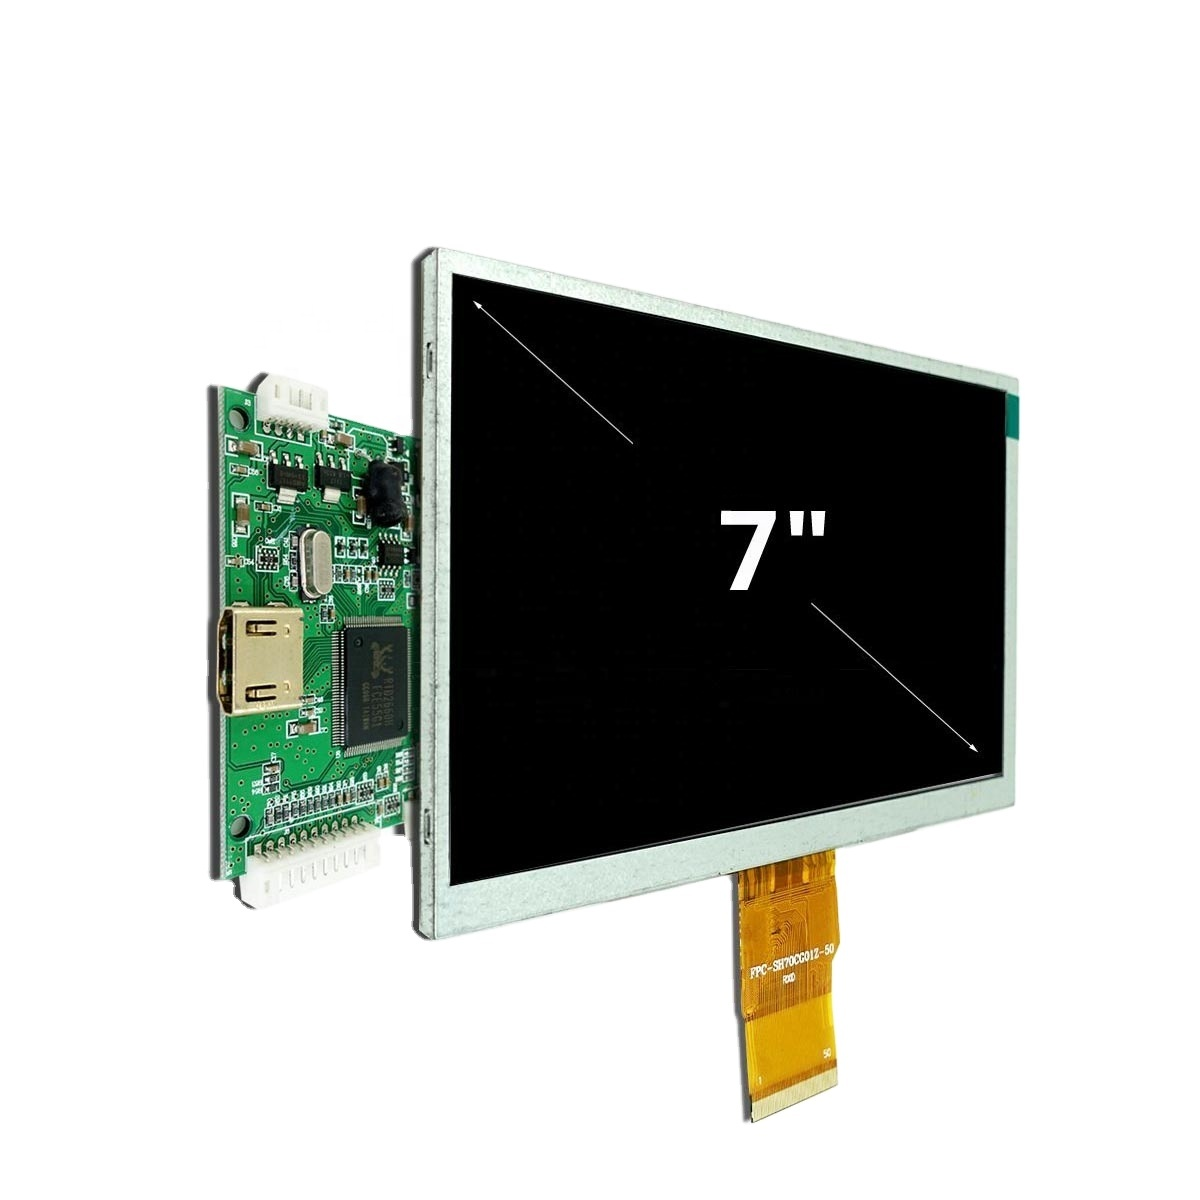 7 inç yüksek çözünürlüklü LCD modülü 1024x600 TFT LCD ekran desteği HD girişi